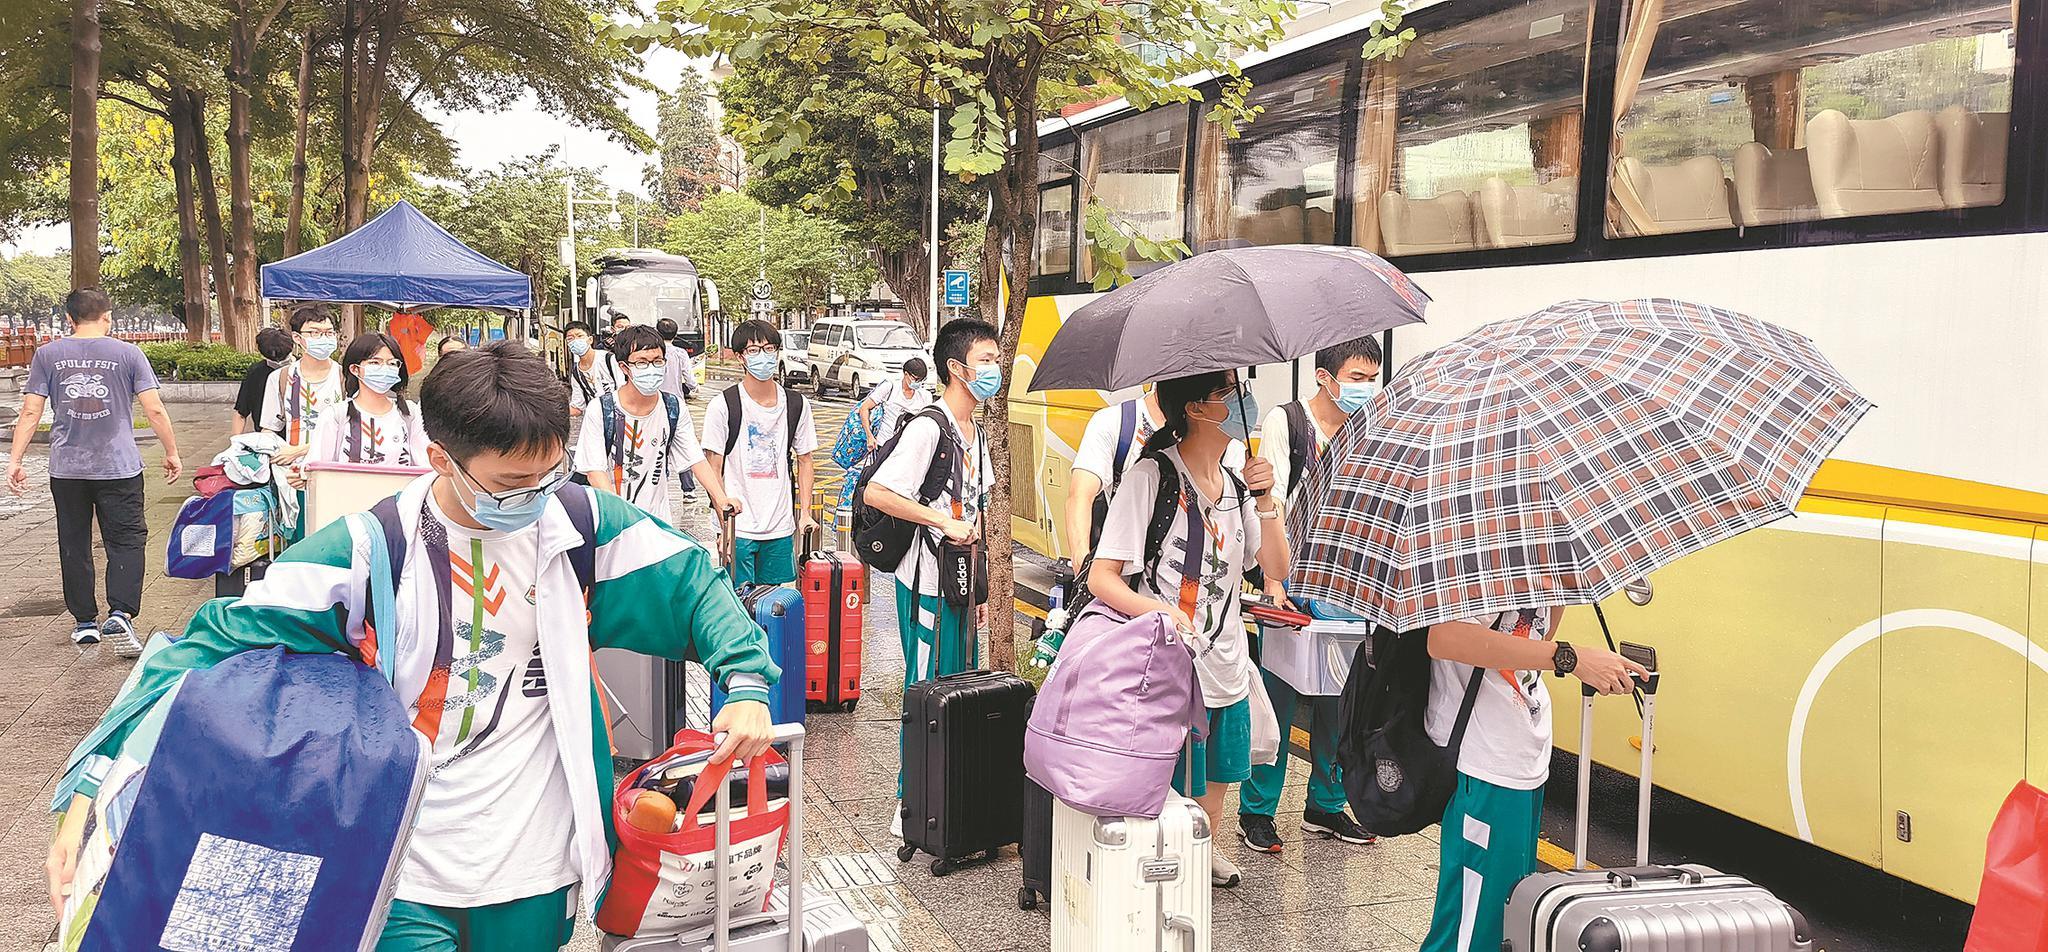 8次核酸检测后 广东实验中学高三学子获准回家了